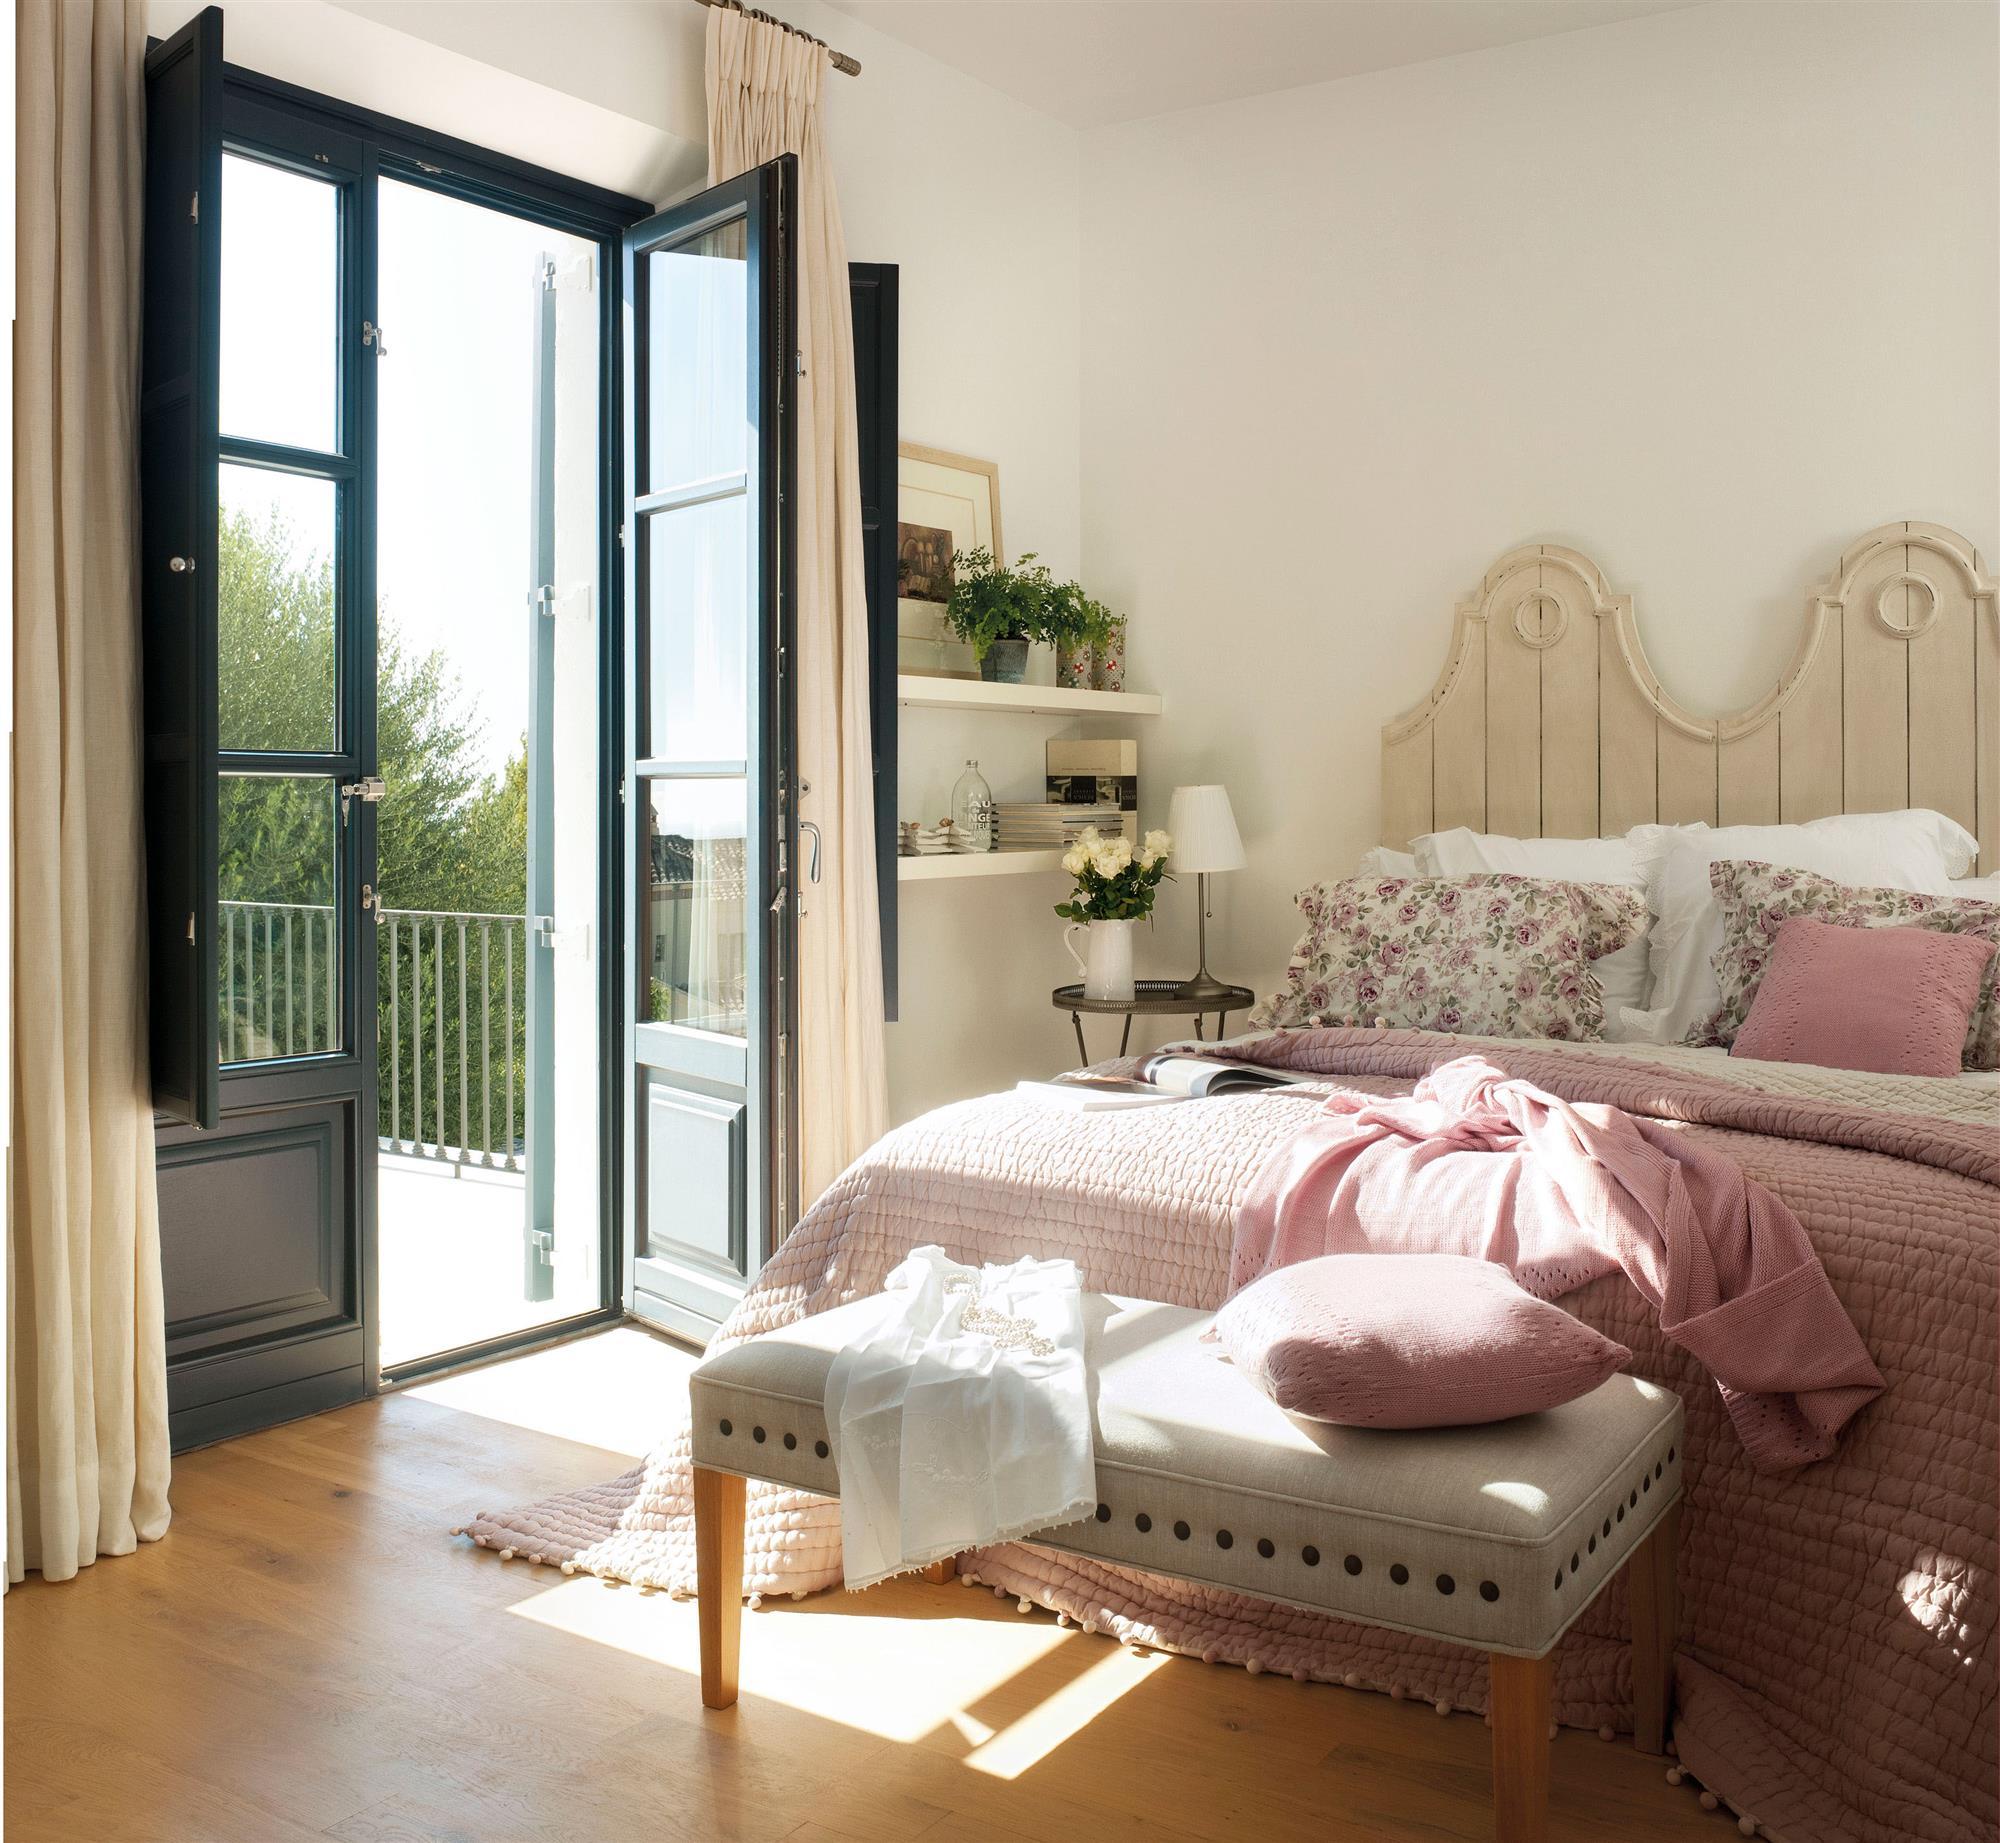 C mo la decoraci n puede mejorar los problemas de pareja - Dormitorio beige ...